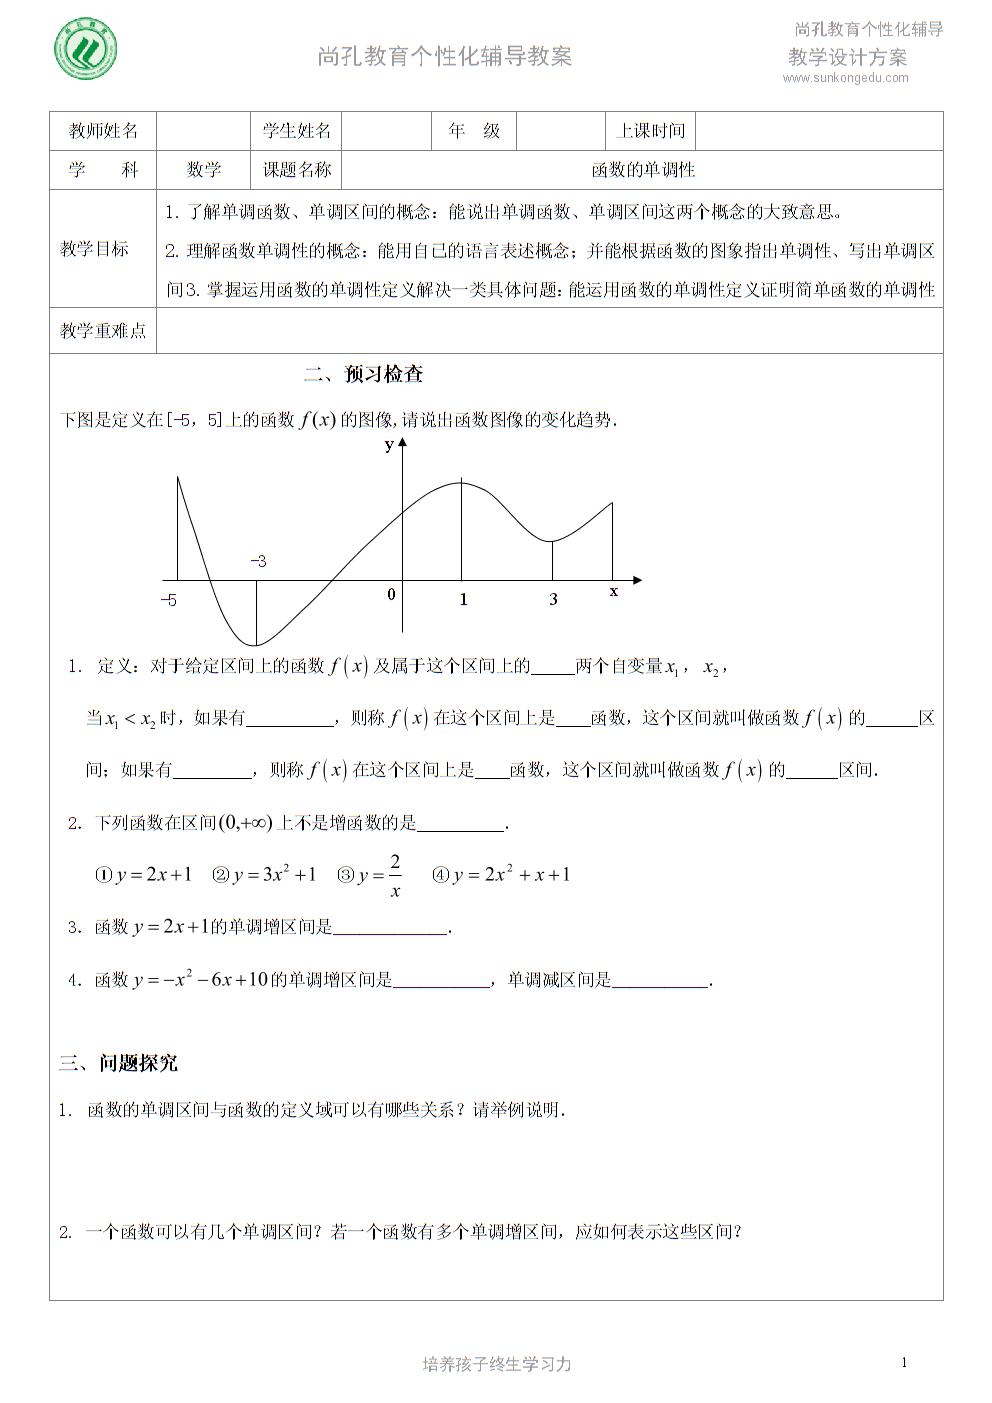 培训机构高一数学教案(一对一暑假班)高一函数单调性第三次课教案模板.doc